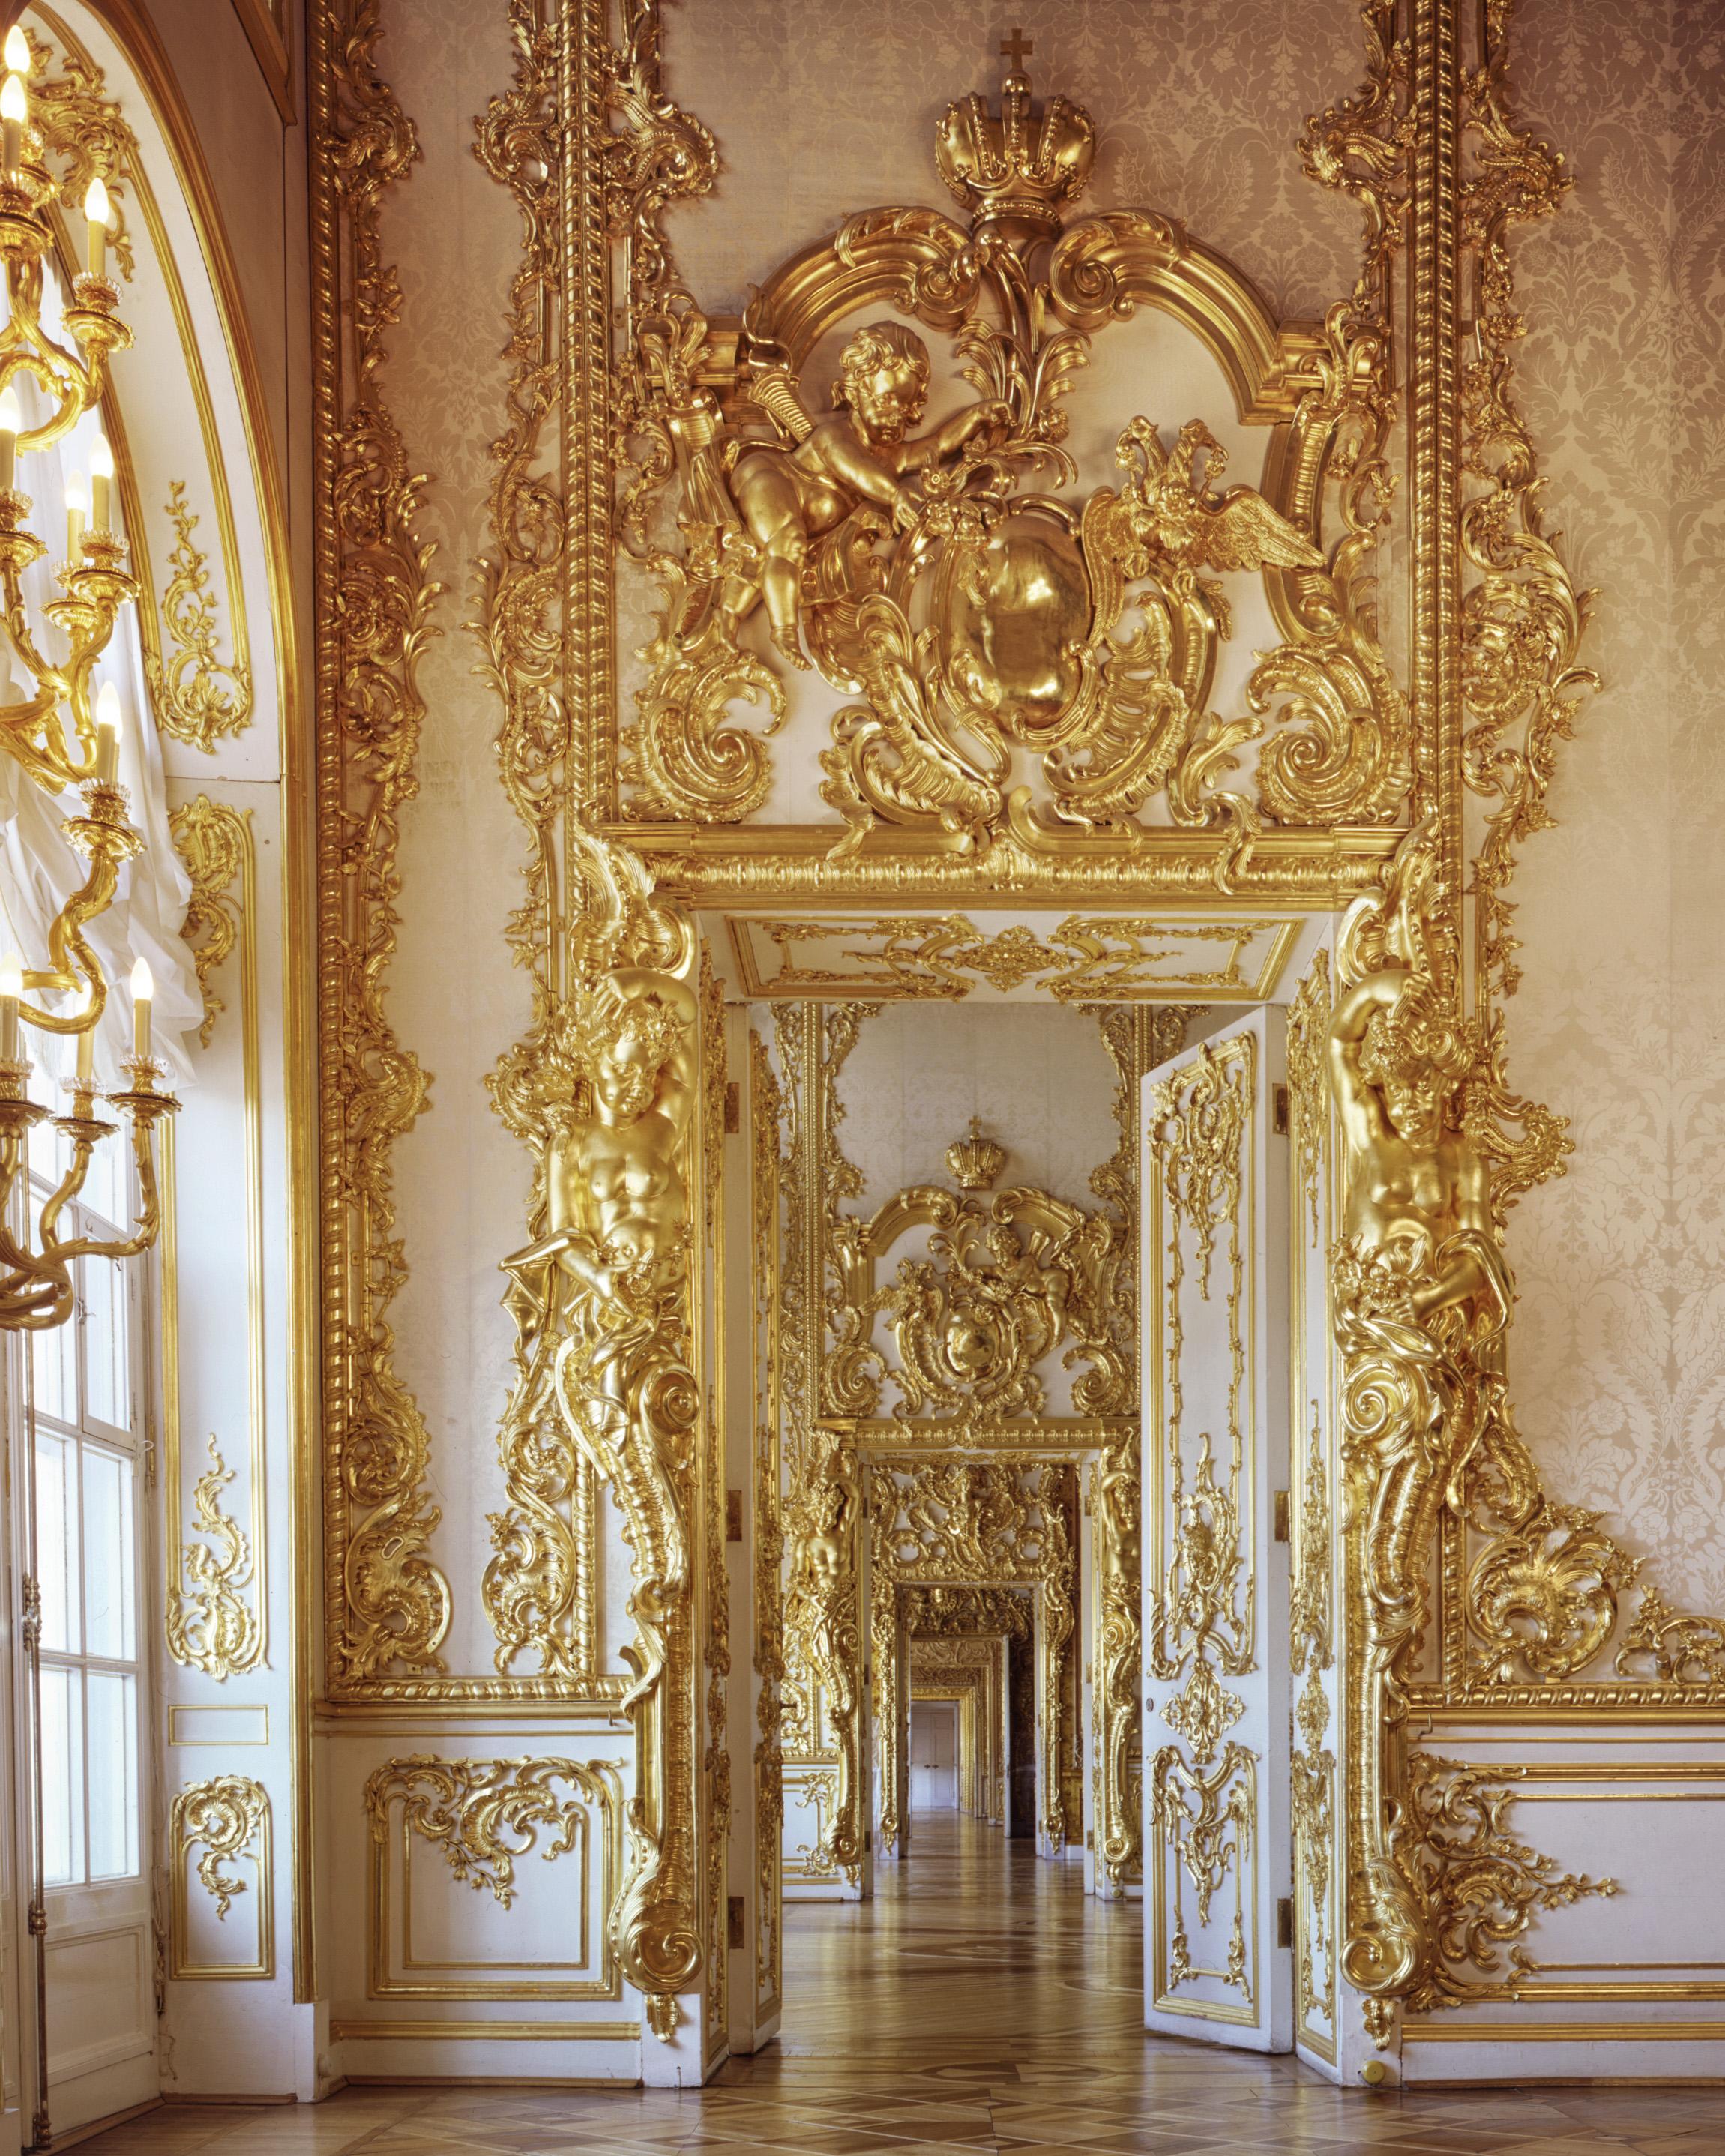 Adjoining salons ofthe Empress Elizabeth 1st, Catherine Palace - Tsarskoïé Selo (Pouchkine), Russia (1995)